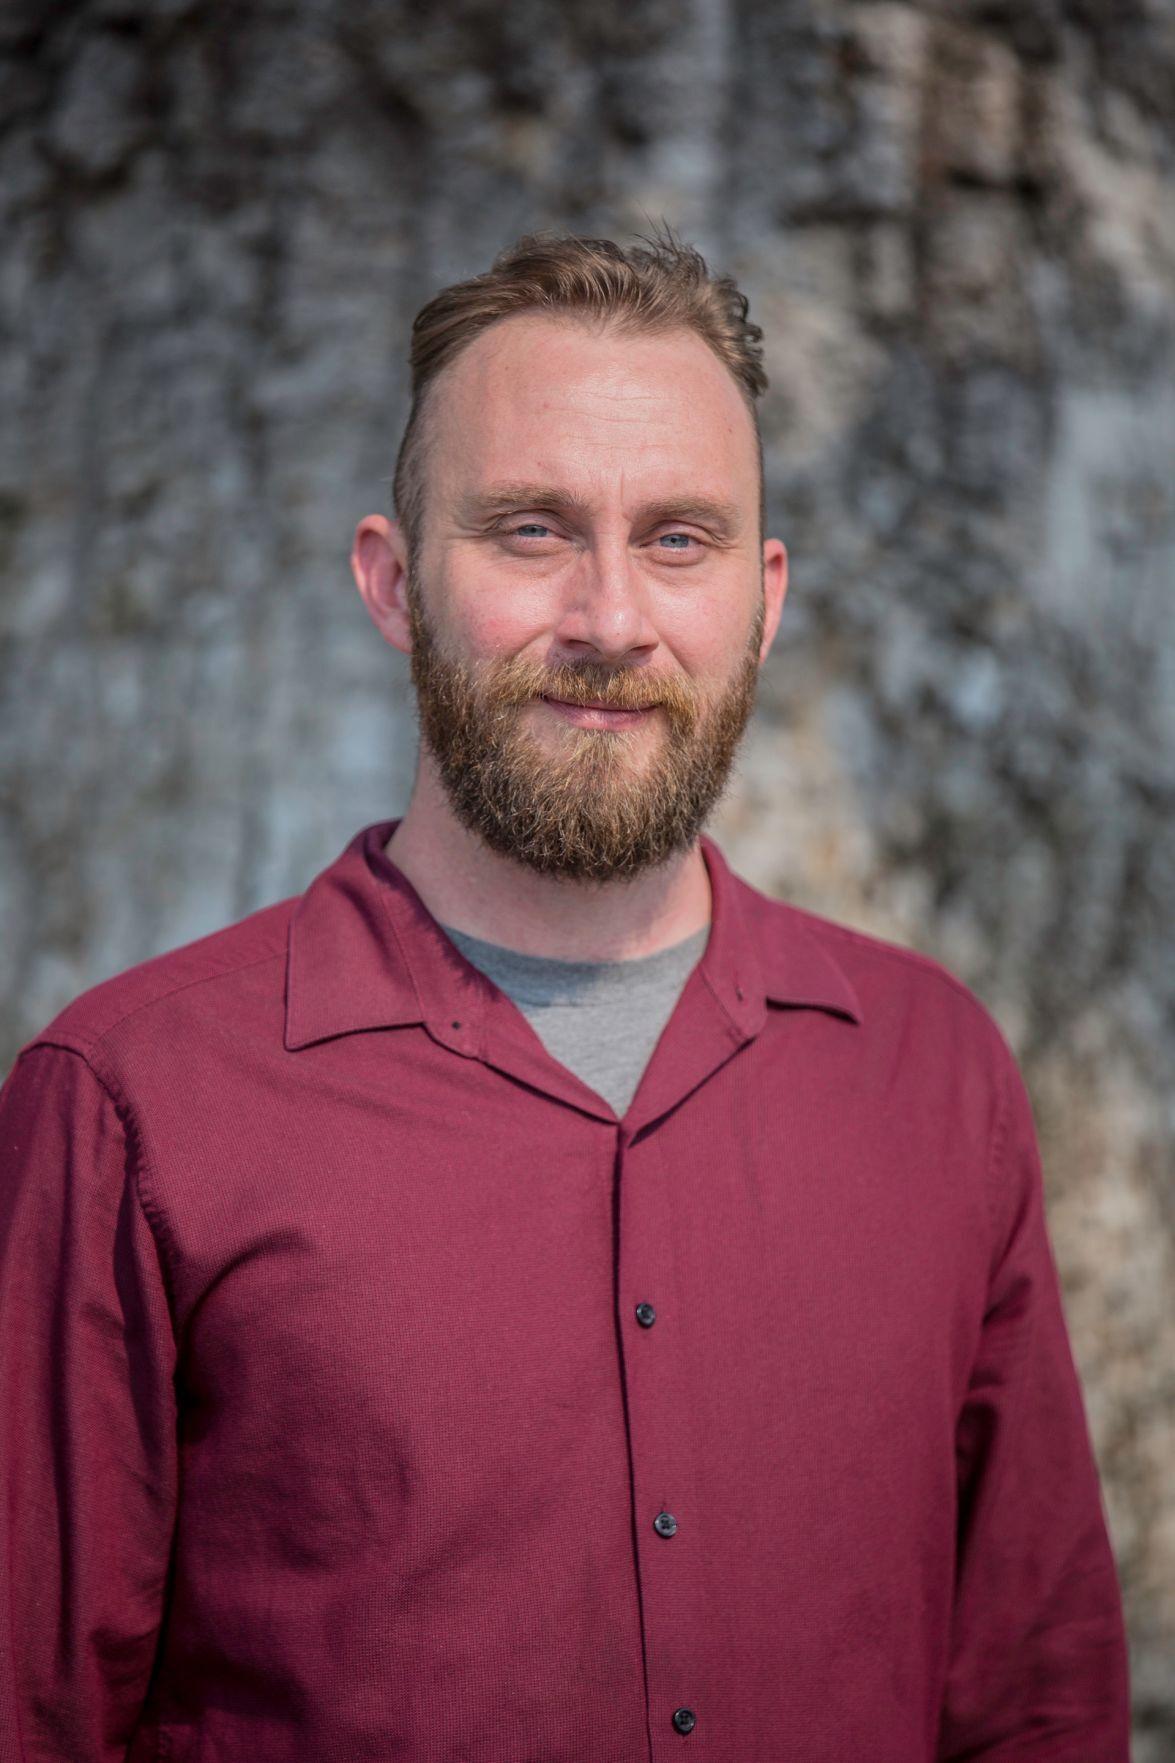 Chris Bowyer